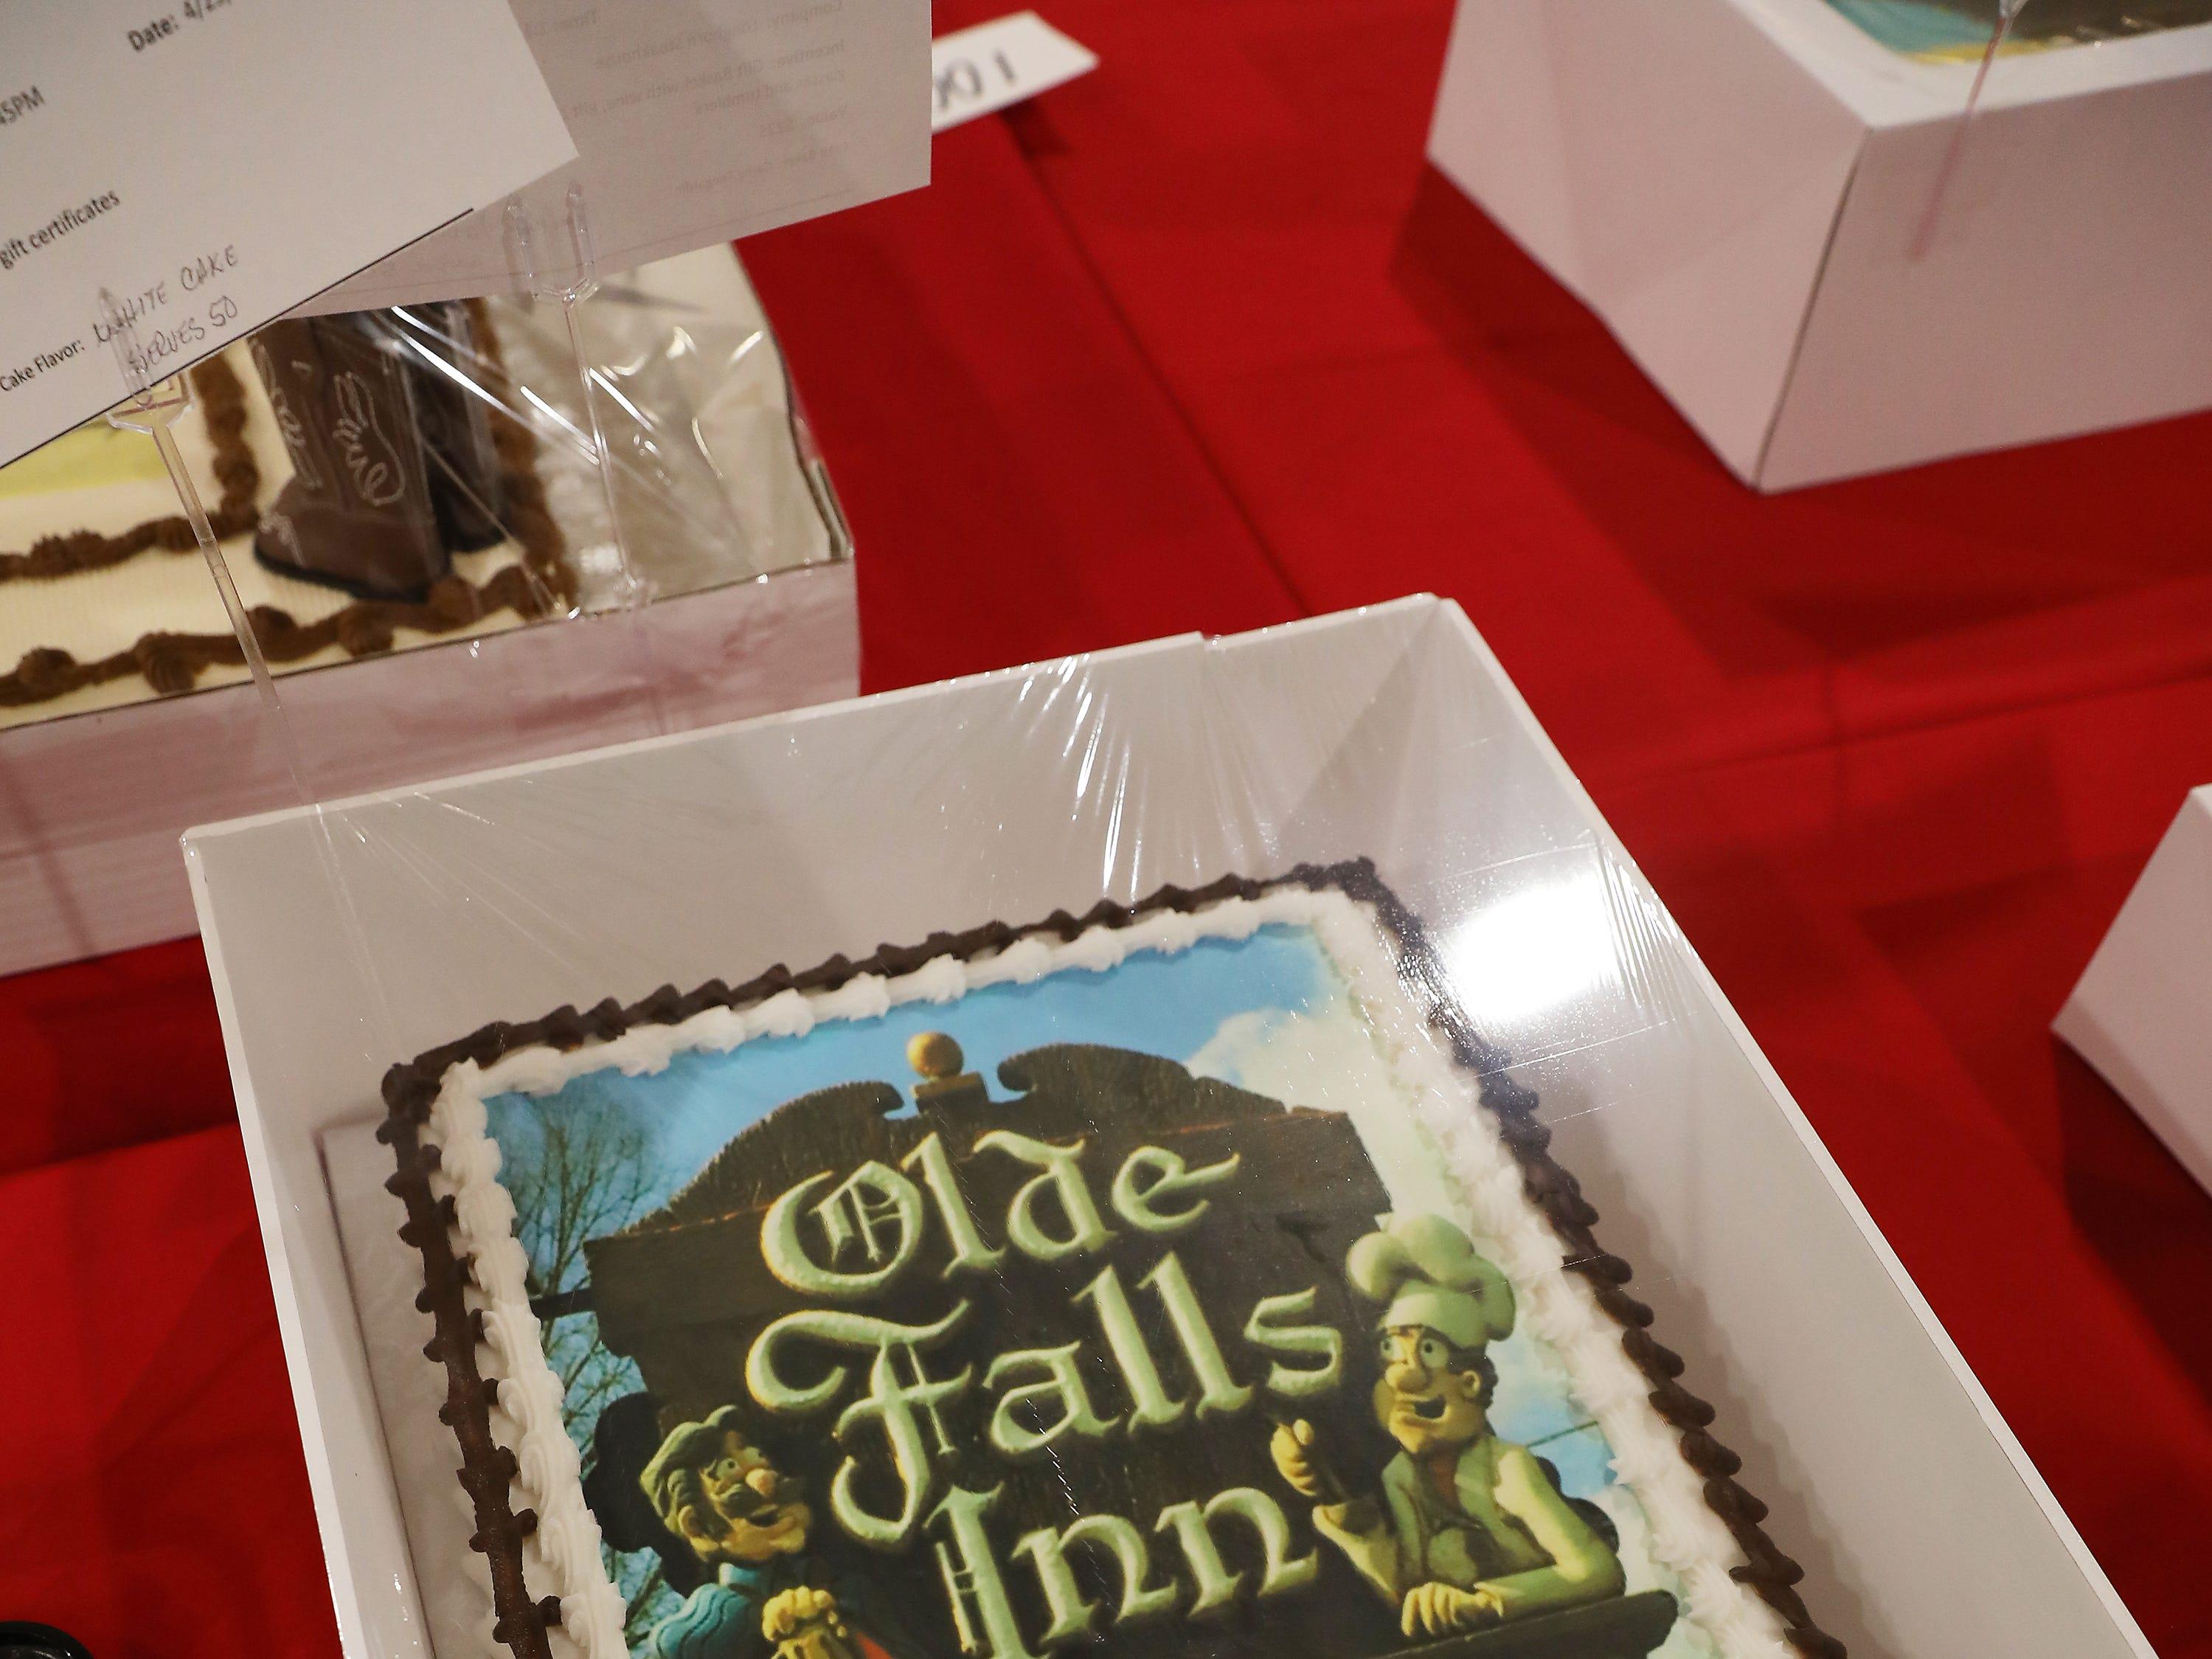 1:30 P.M. Thursday cake 111 Olde Falls Inn.